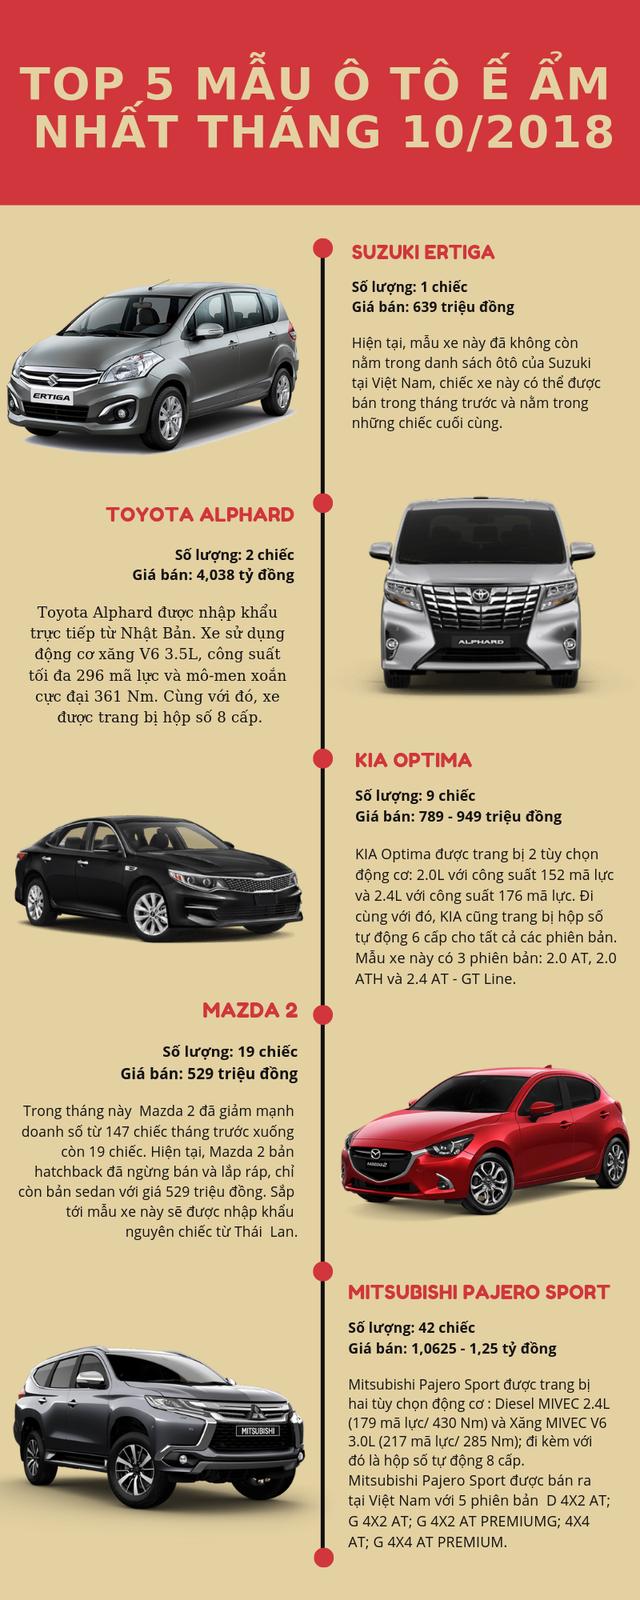 Top 5 mẫu ô tô ế ẩm nhất tháng 10/2018: Xuất hiện nhiều gương mặt mới - Ảnh 1.